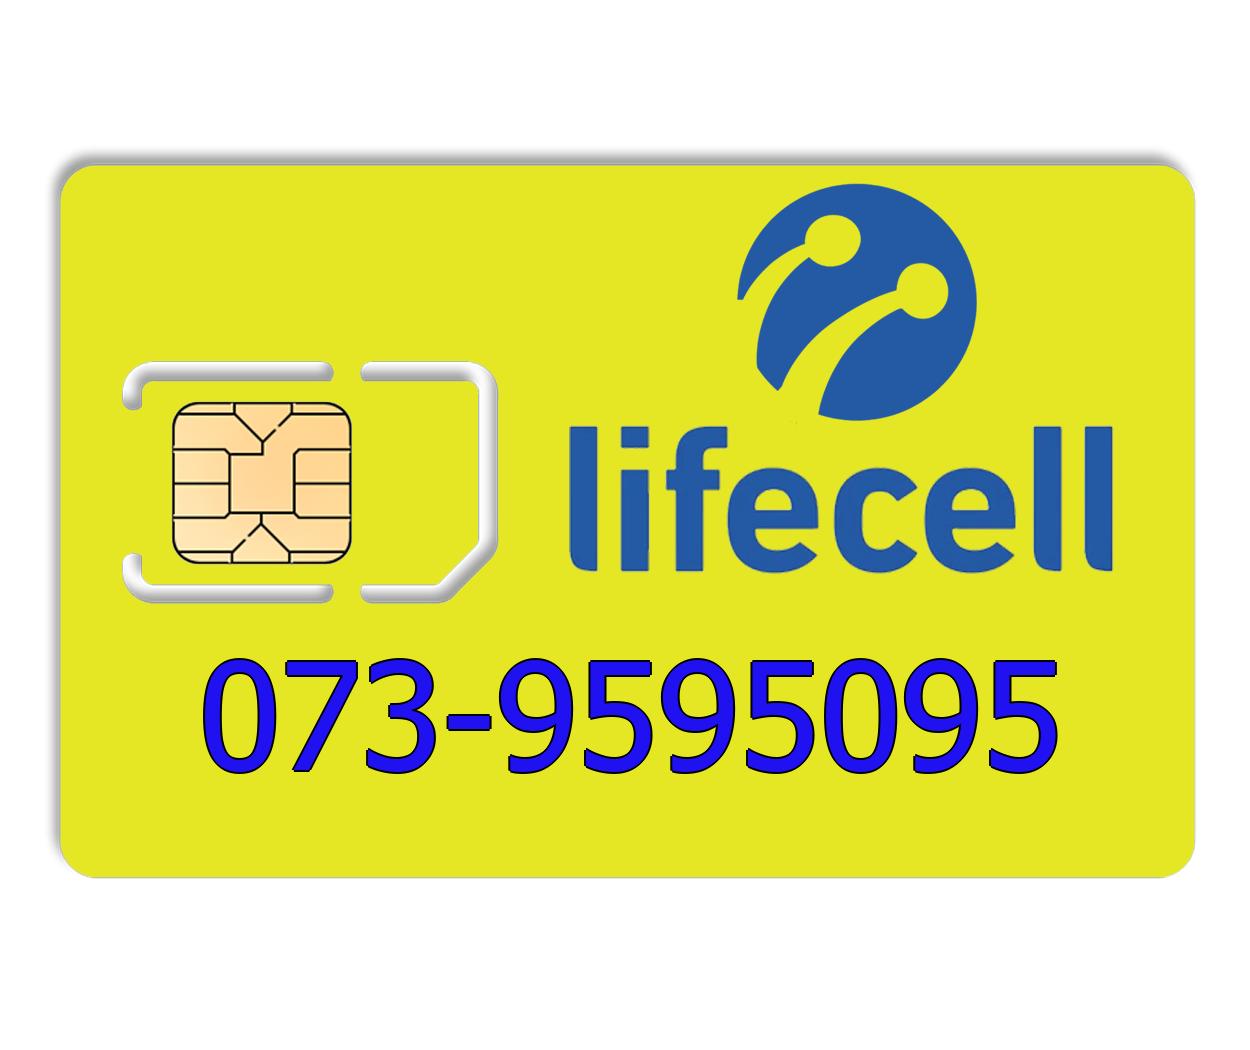 Красивый номер lifecell 073-9595095